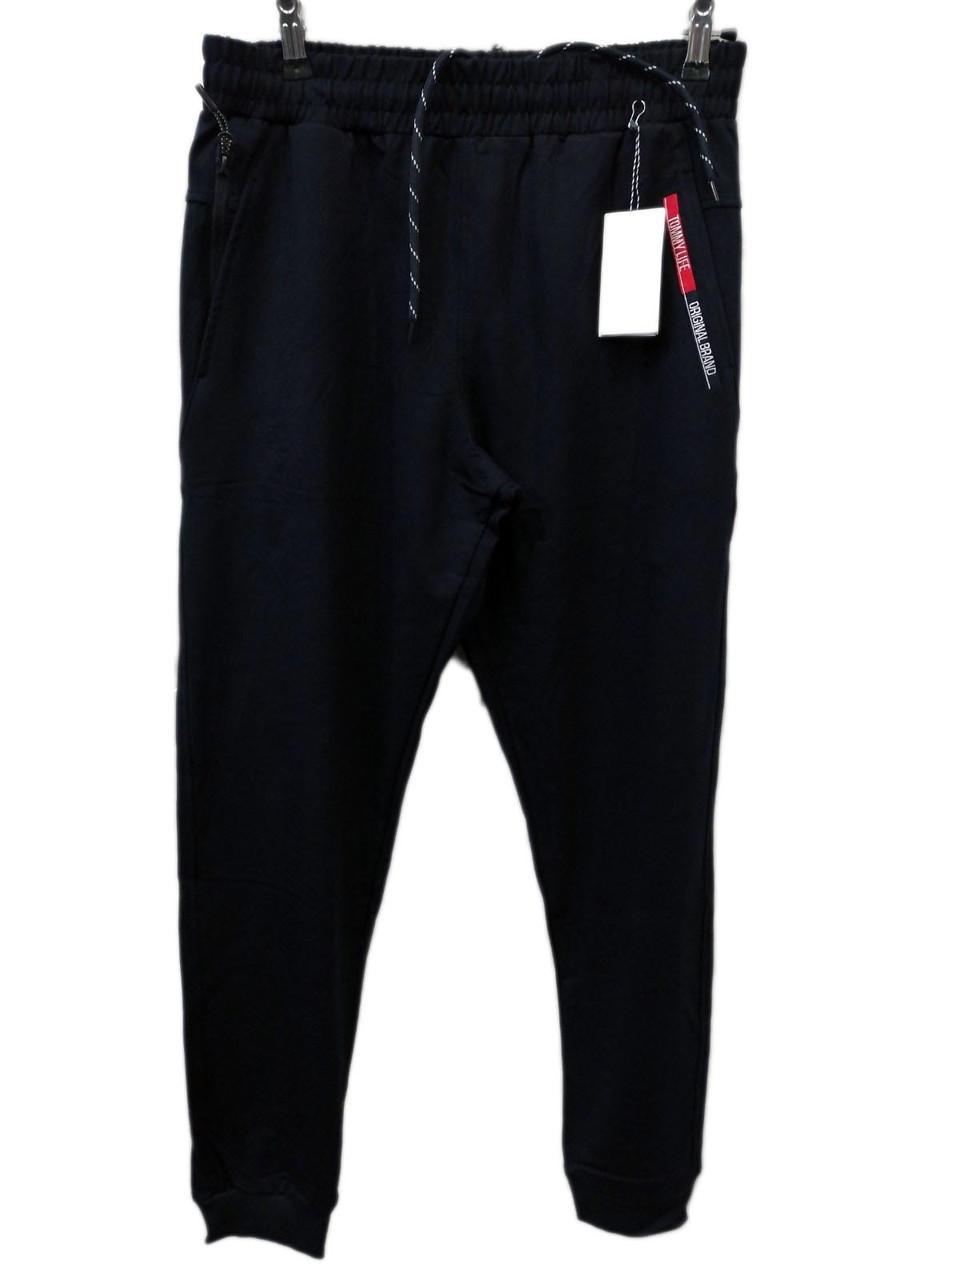 Мужские трикотажные брюки Tommy Life спортивные штаны на манжетах Синие